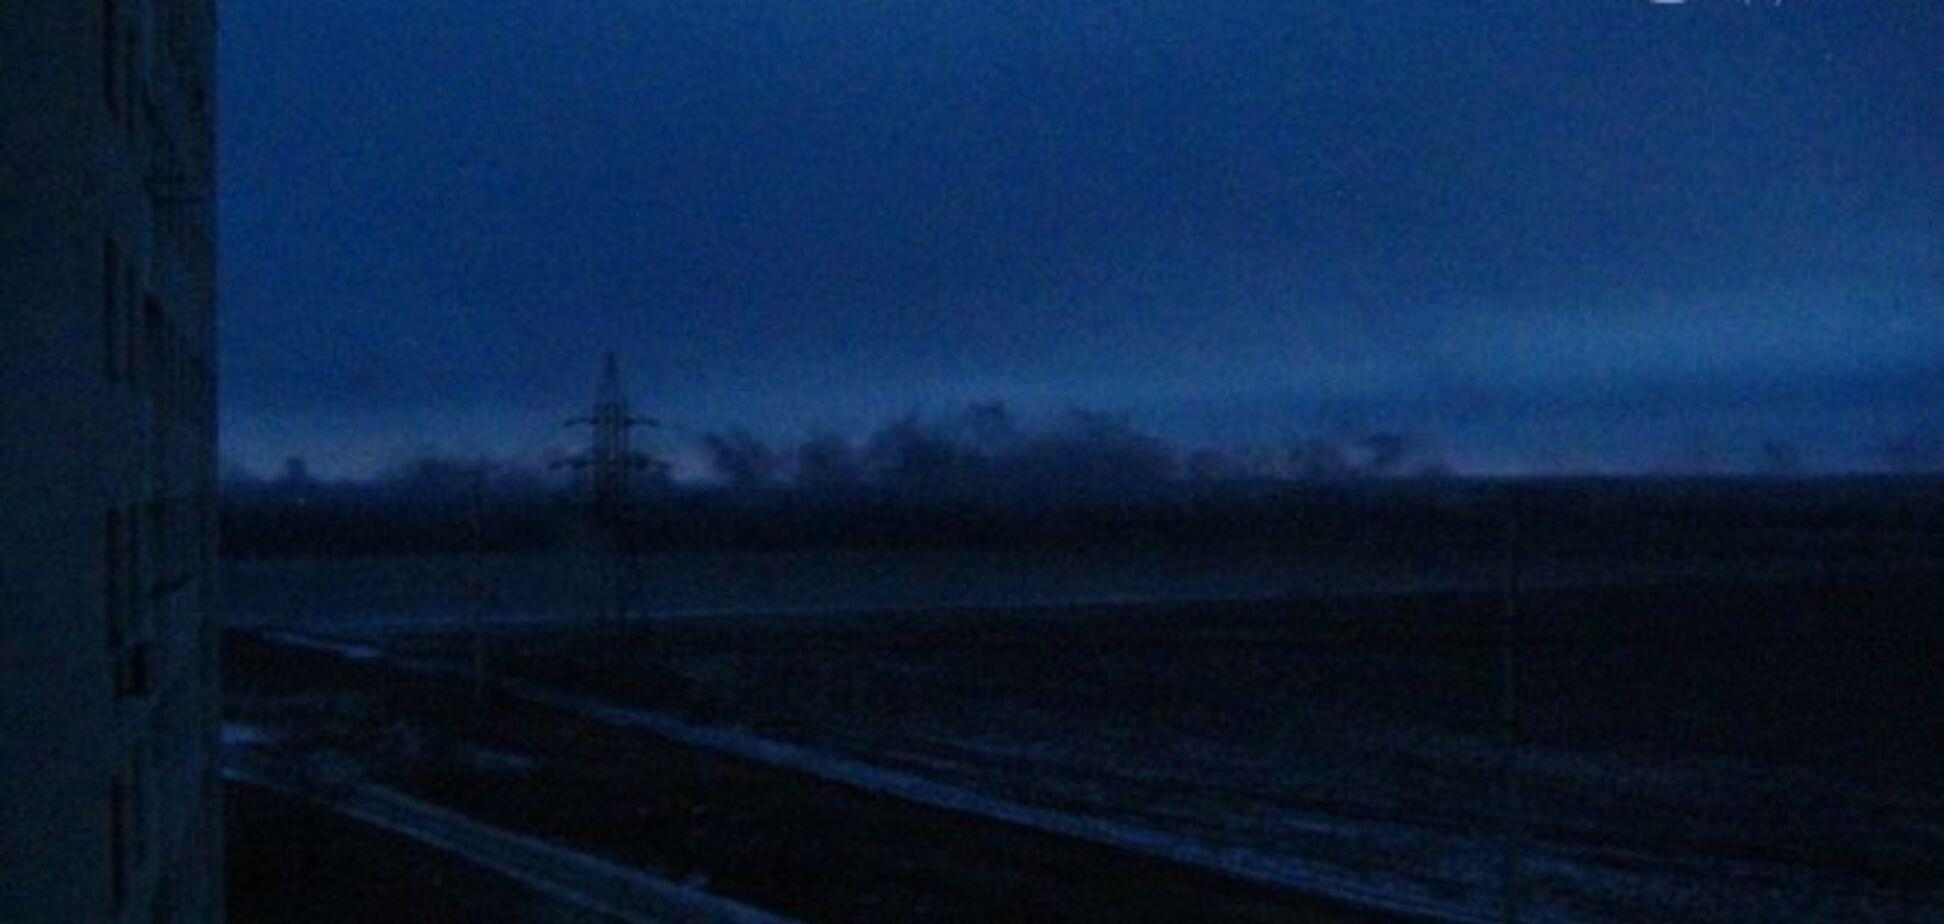 У Маріуполі всю ніч була чутна канонада 'Градів': опубліковано фото і відео